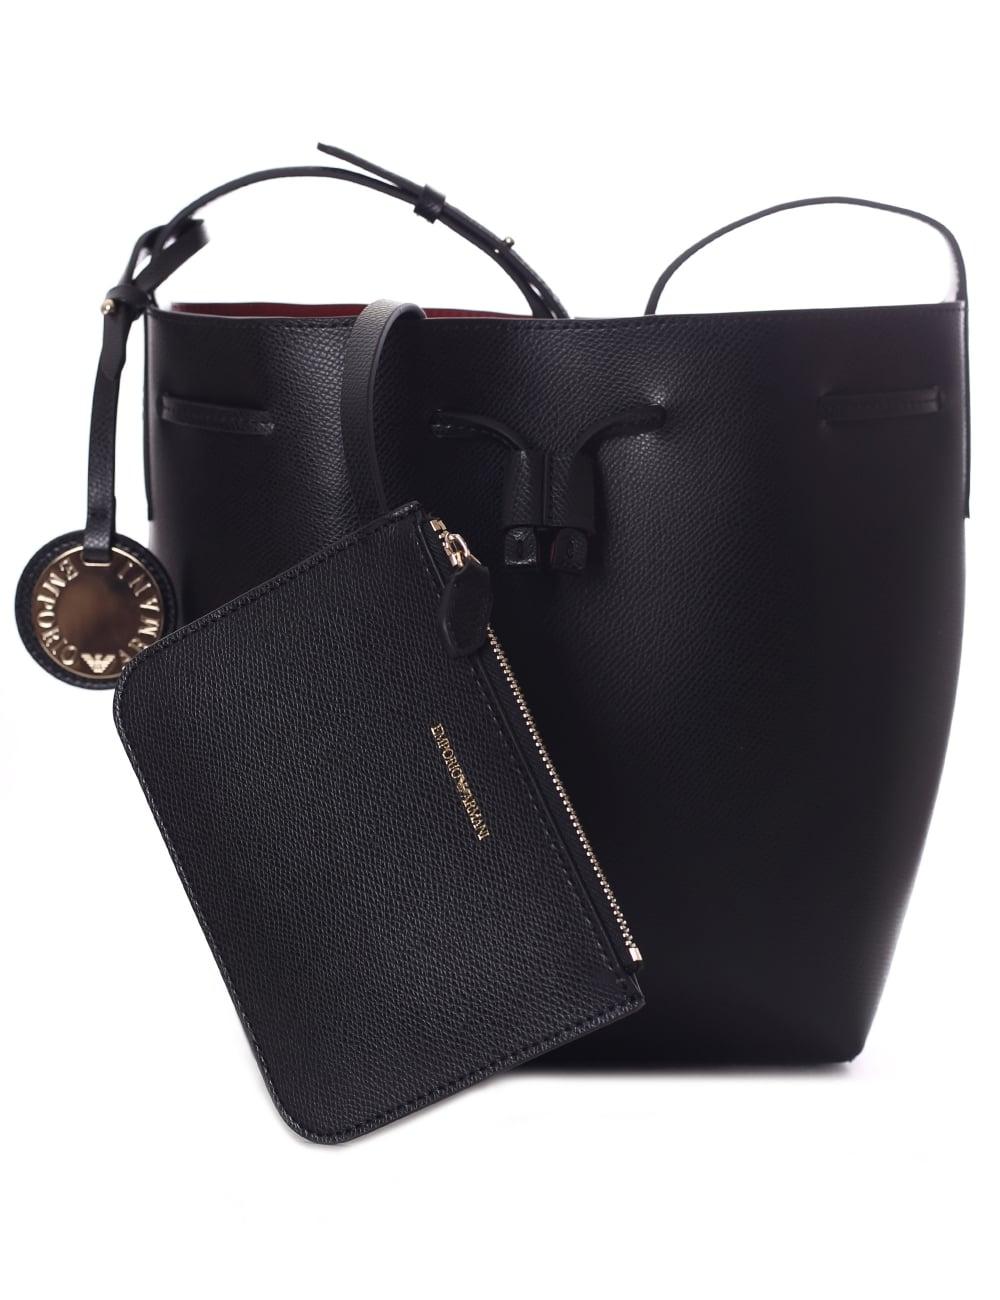 Emporio Armani Women s Bucket Bag Black Red 15cede9461c96